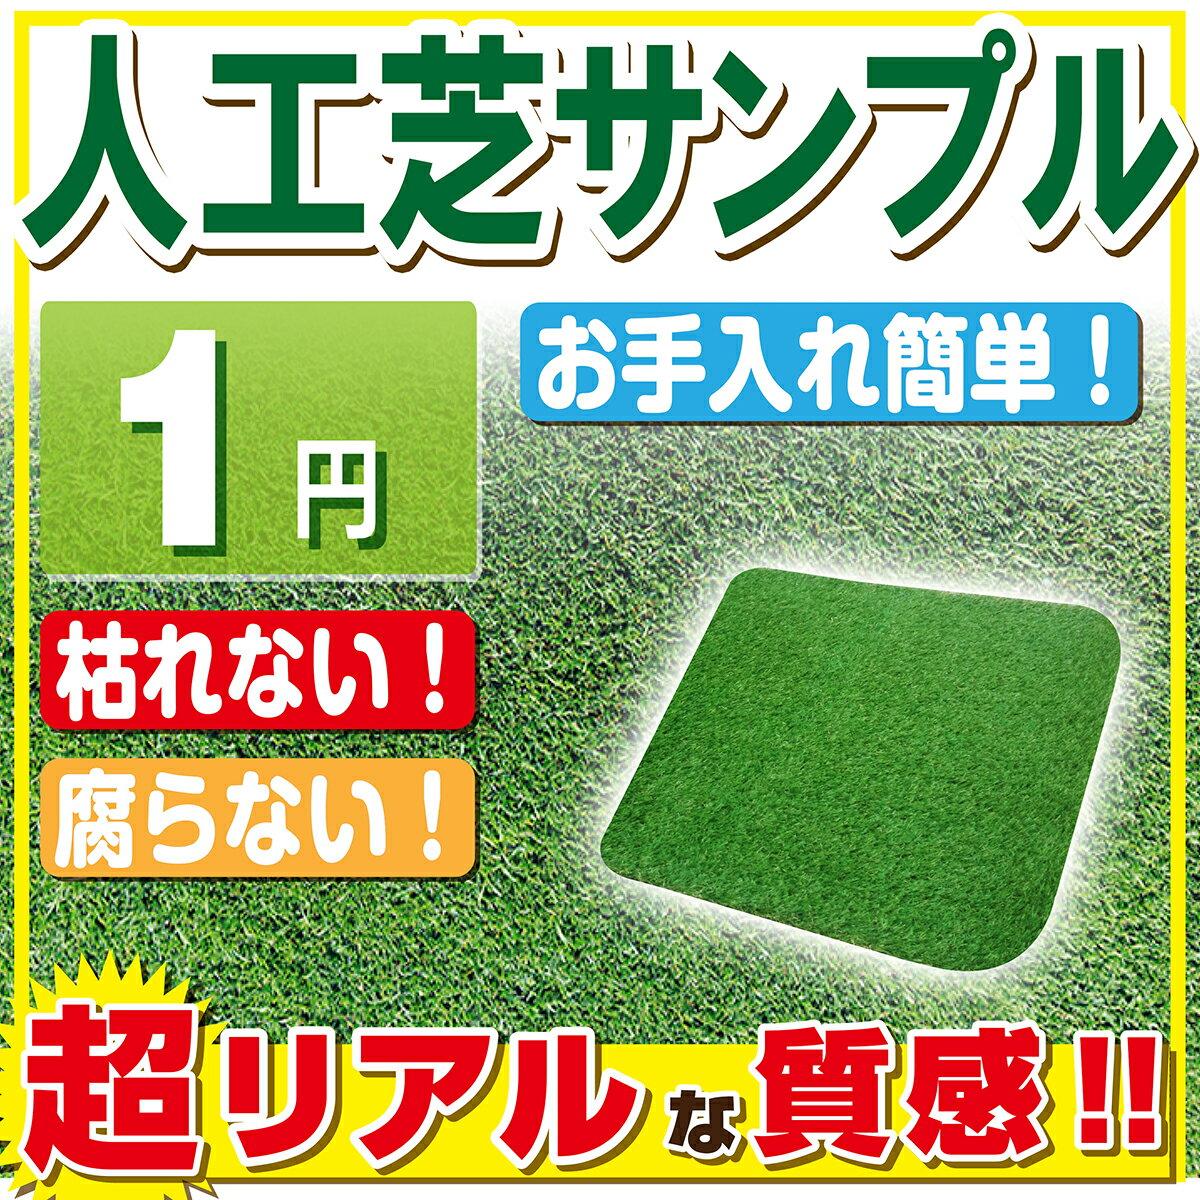 【お試し価格★1円】人工芝サンプル(9×9cm) リアルな人工芝 ロール ジョイント 人工芝 リアルな人工芝